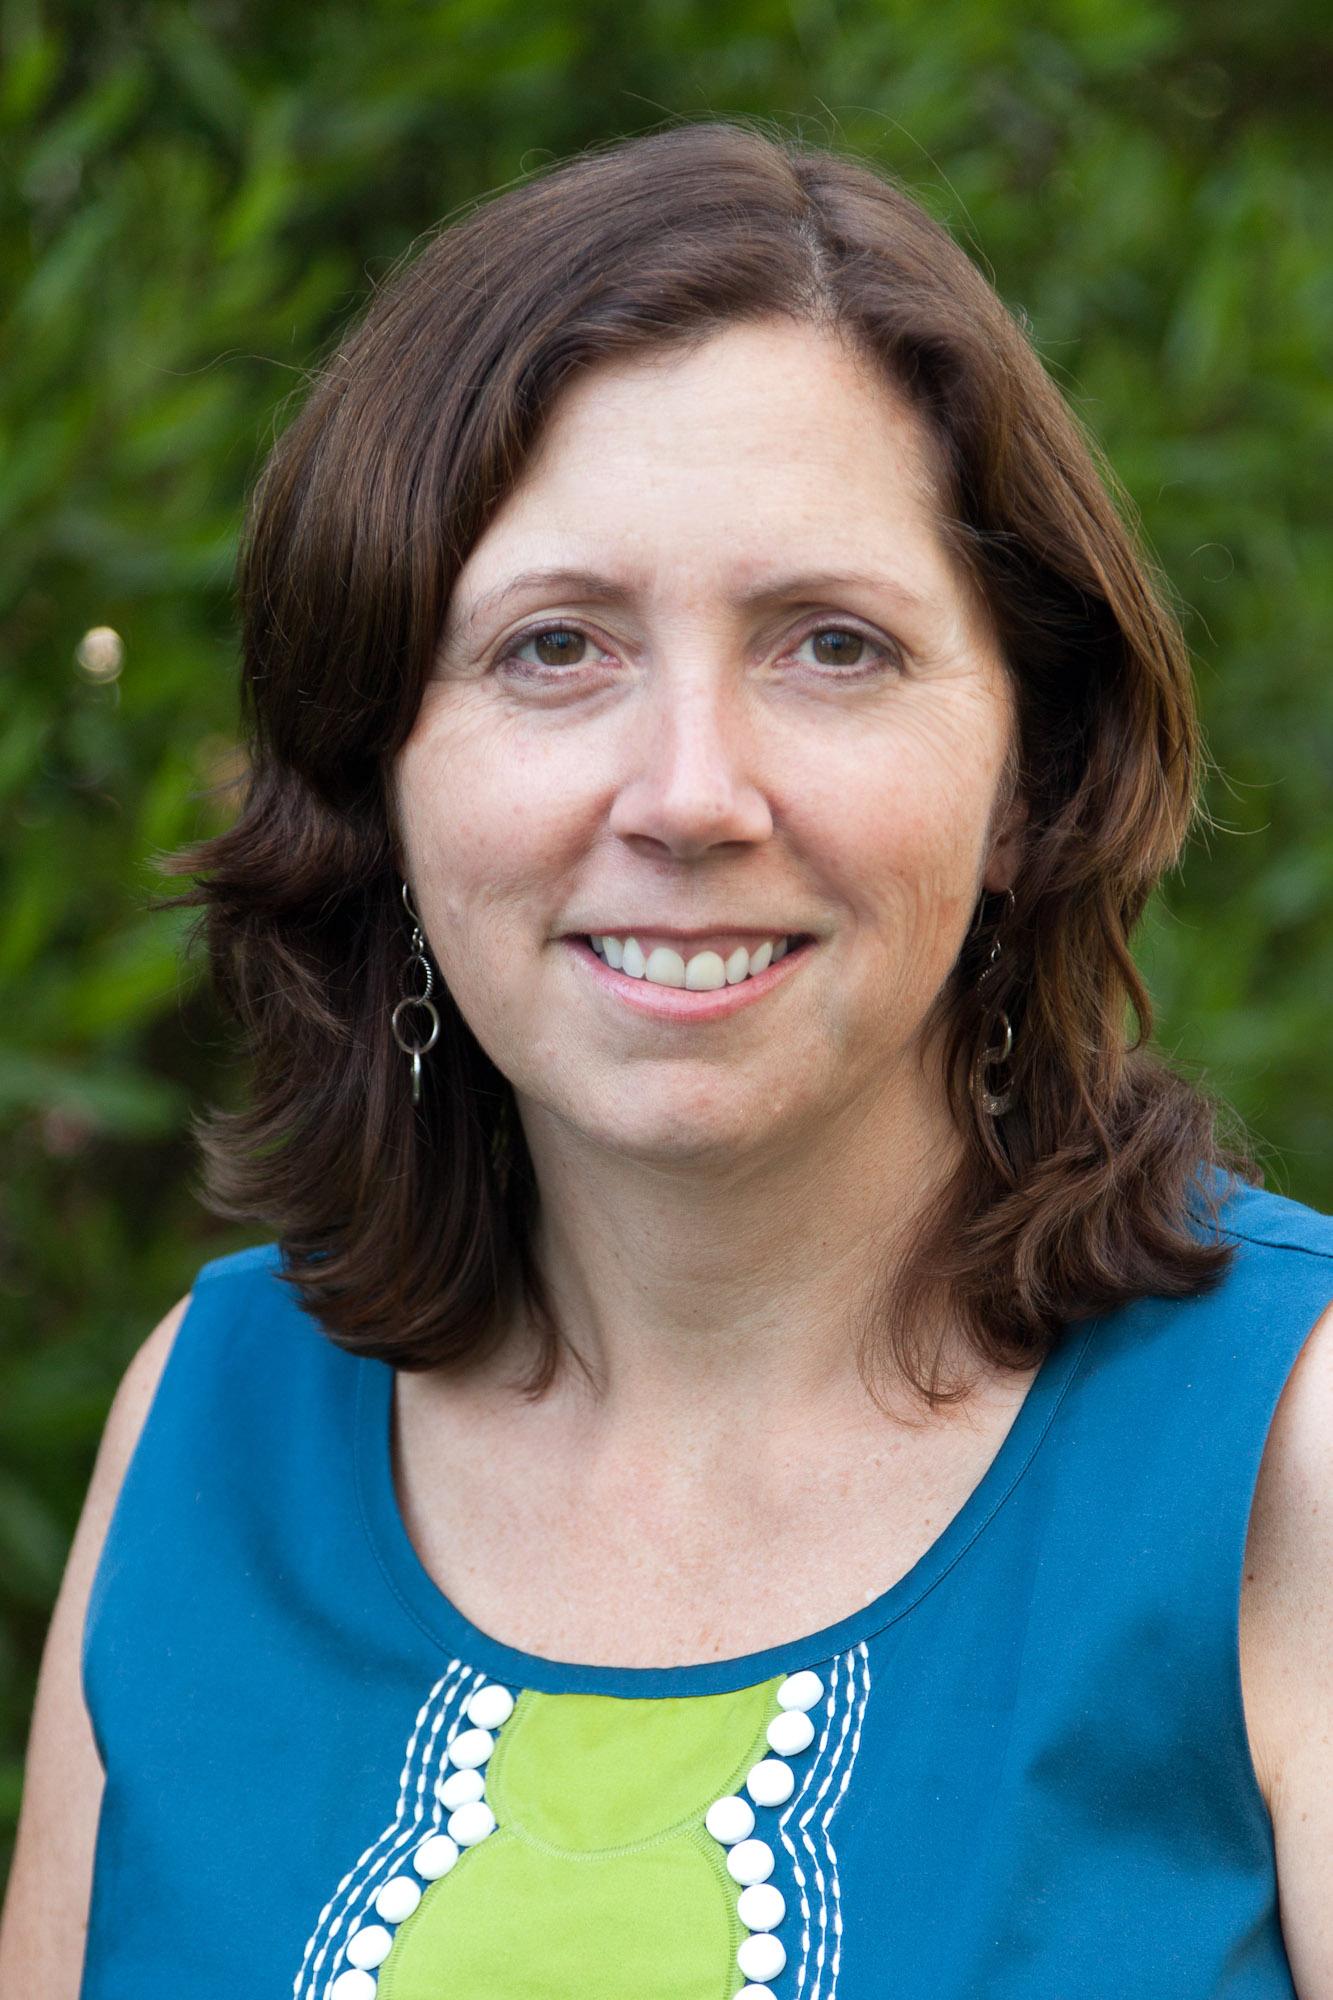 Laurie Pattison